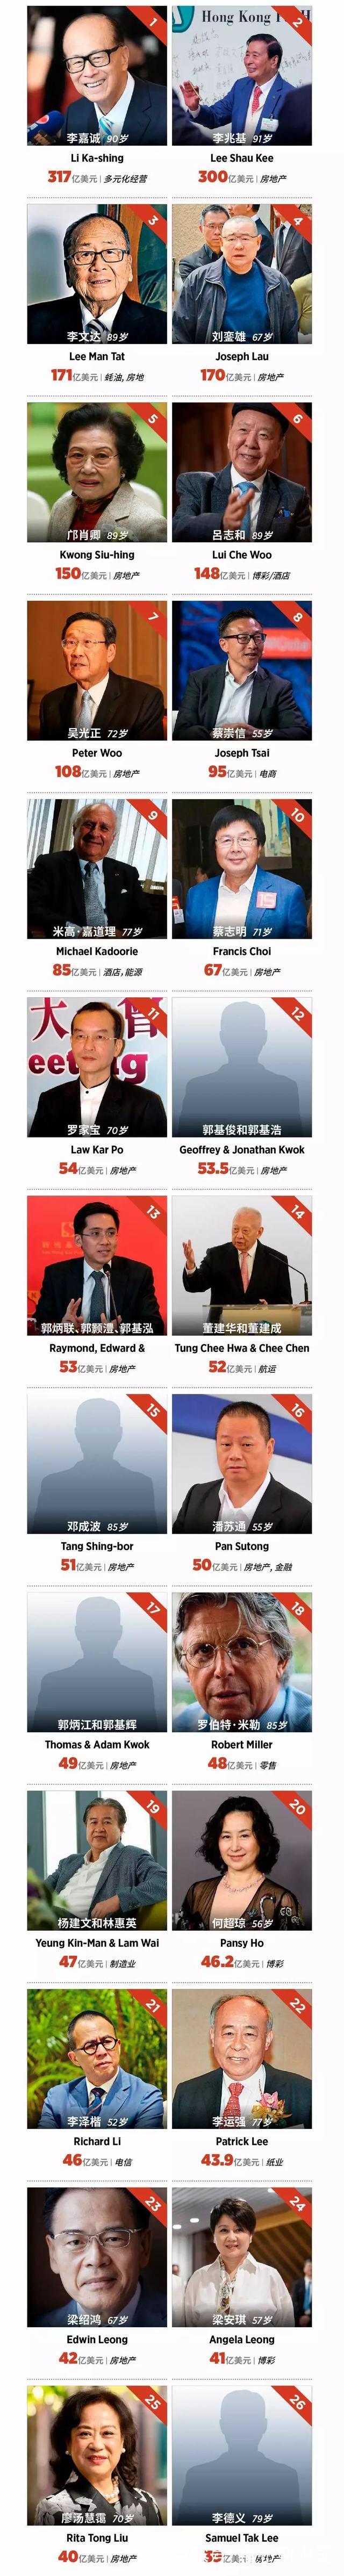 李嘉诚蝉联福布斯香港富豪榜榜首 身价缩水43亿美元